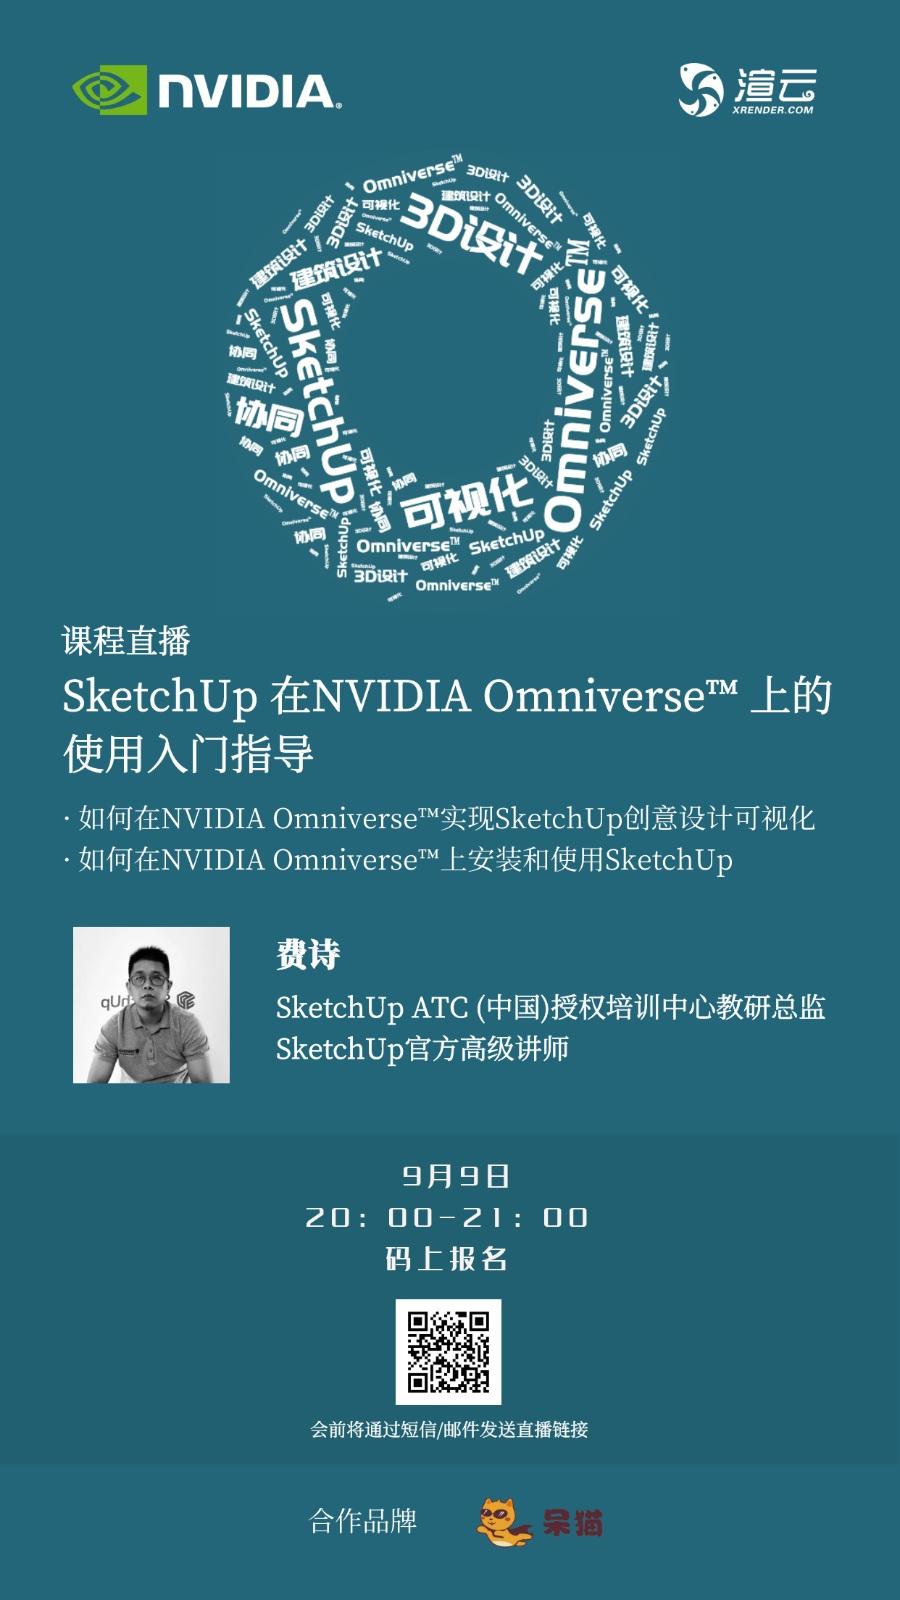 看直播赢渲染券! SketchUp 在NVIDIA Omniverse™上的使用入门指导